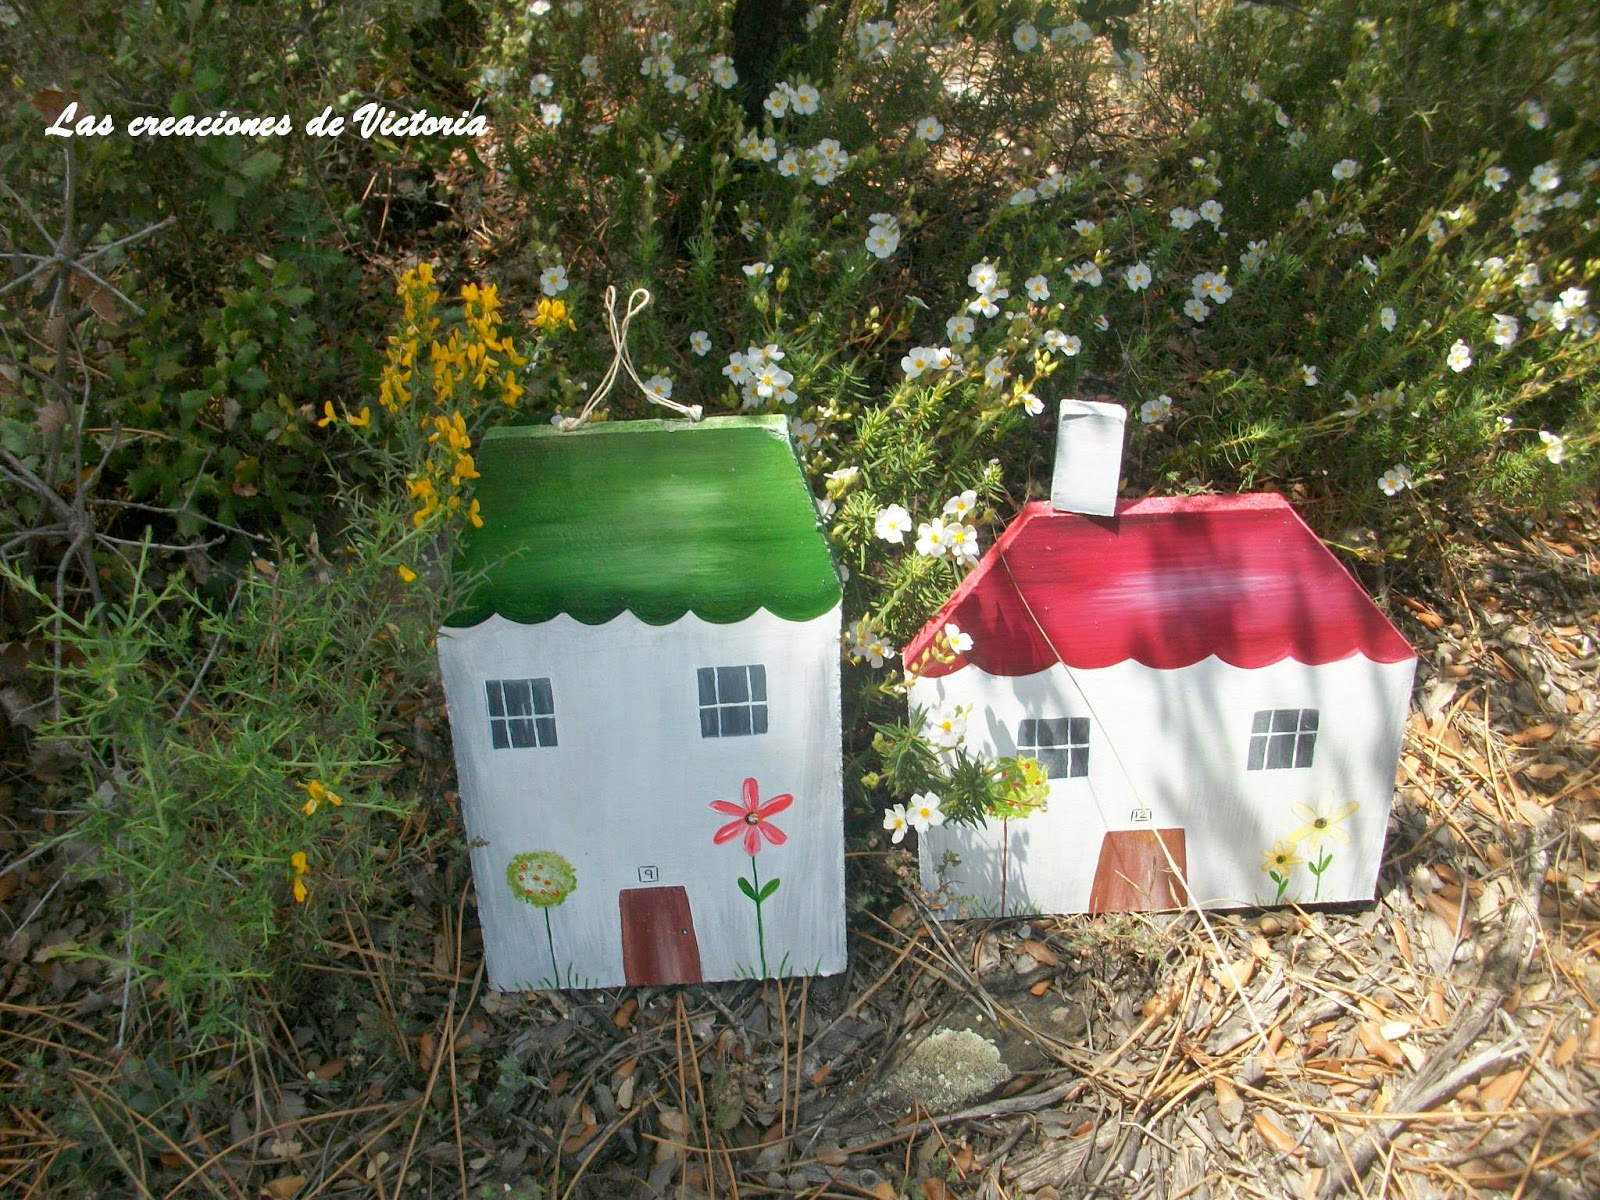 Las creaciones de Victoria.Adornos para el jardín.